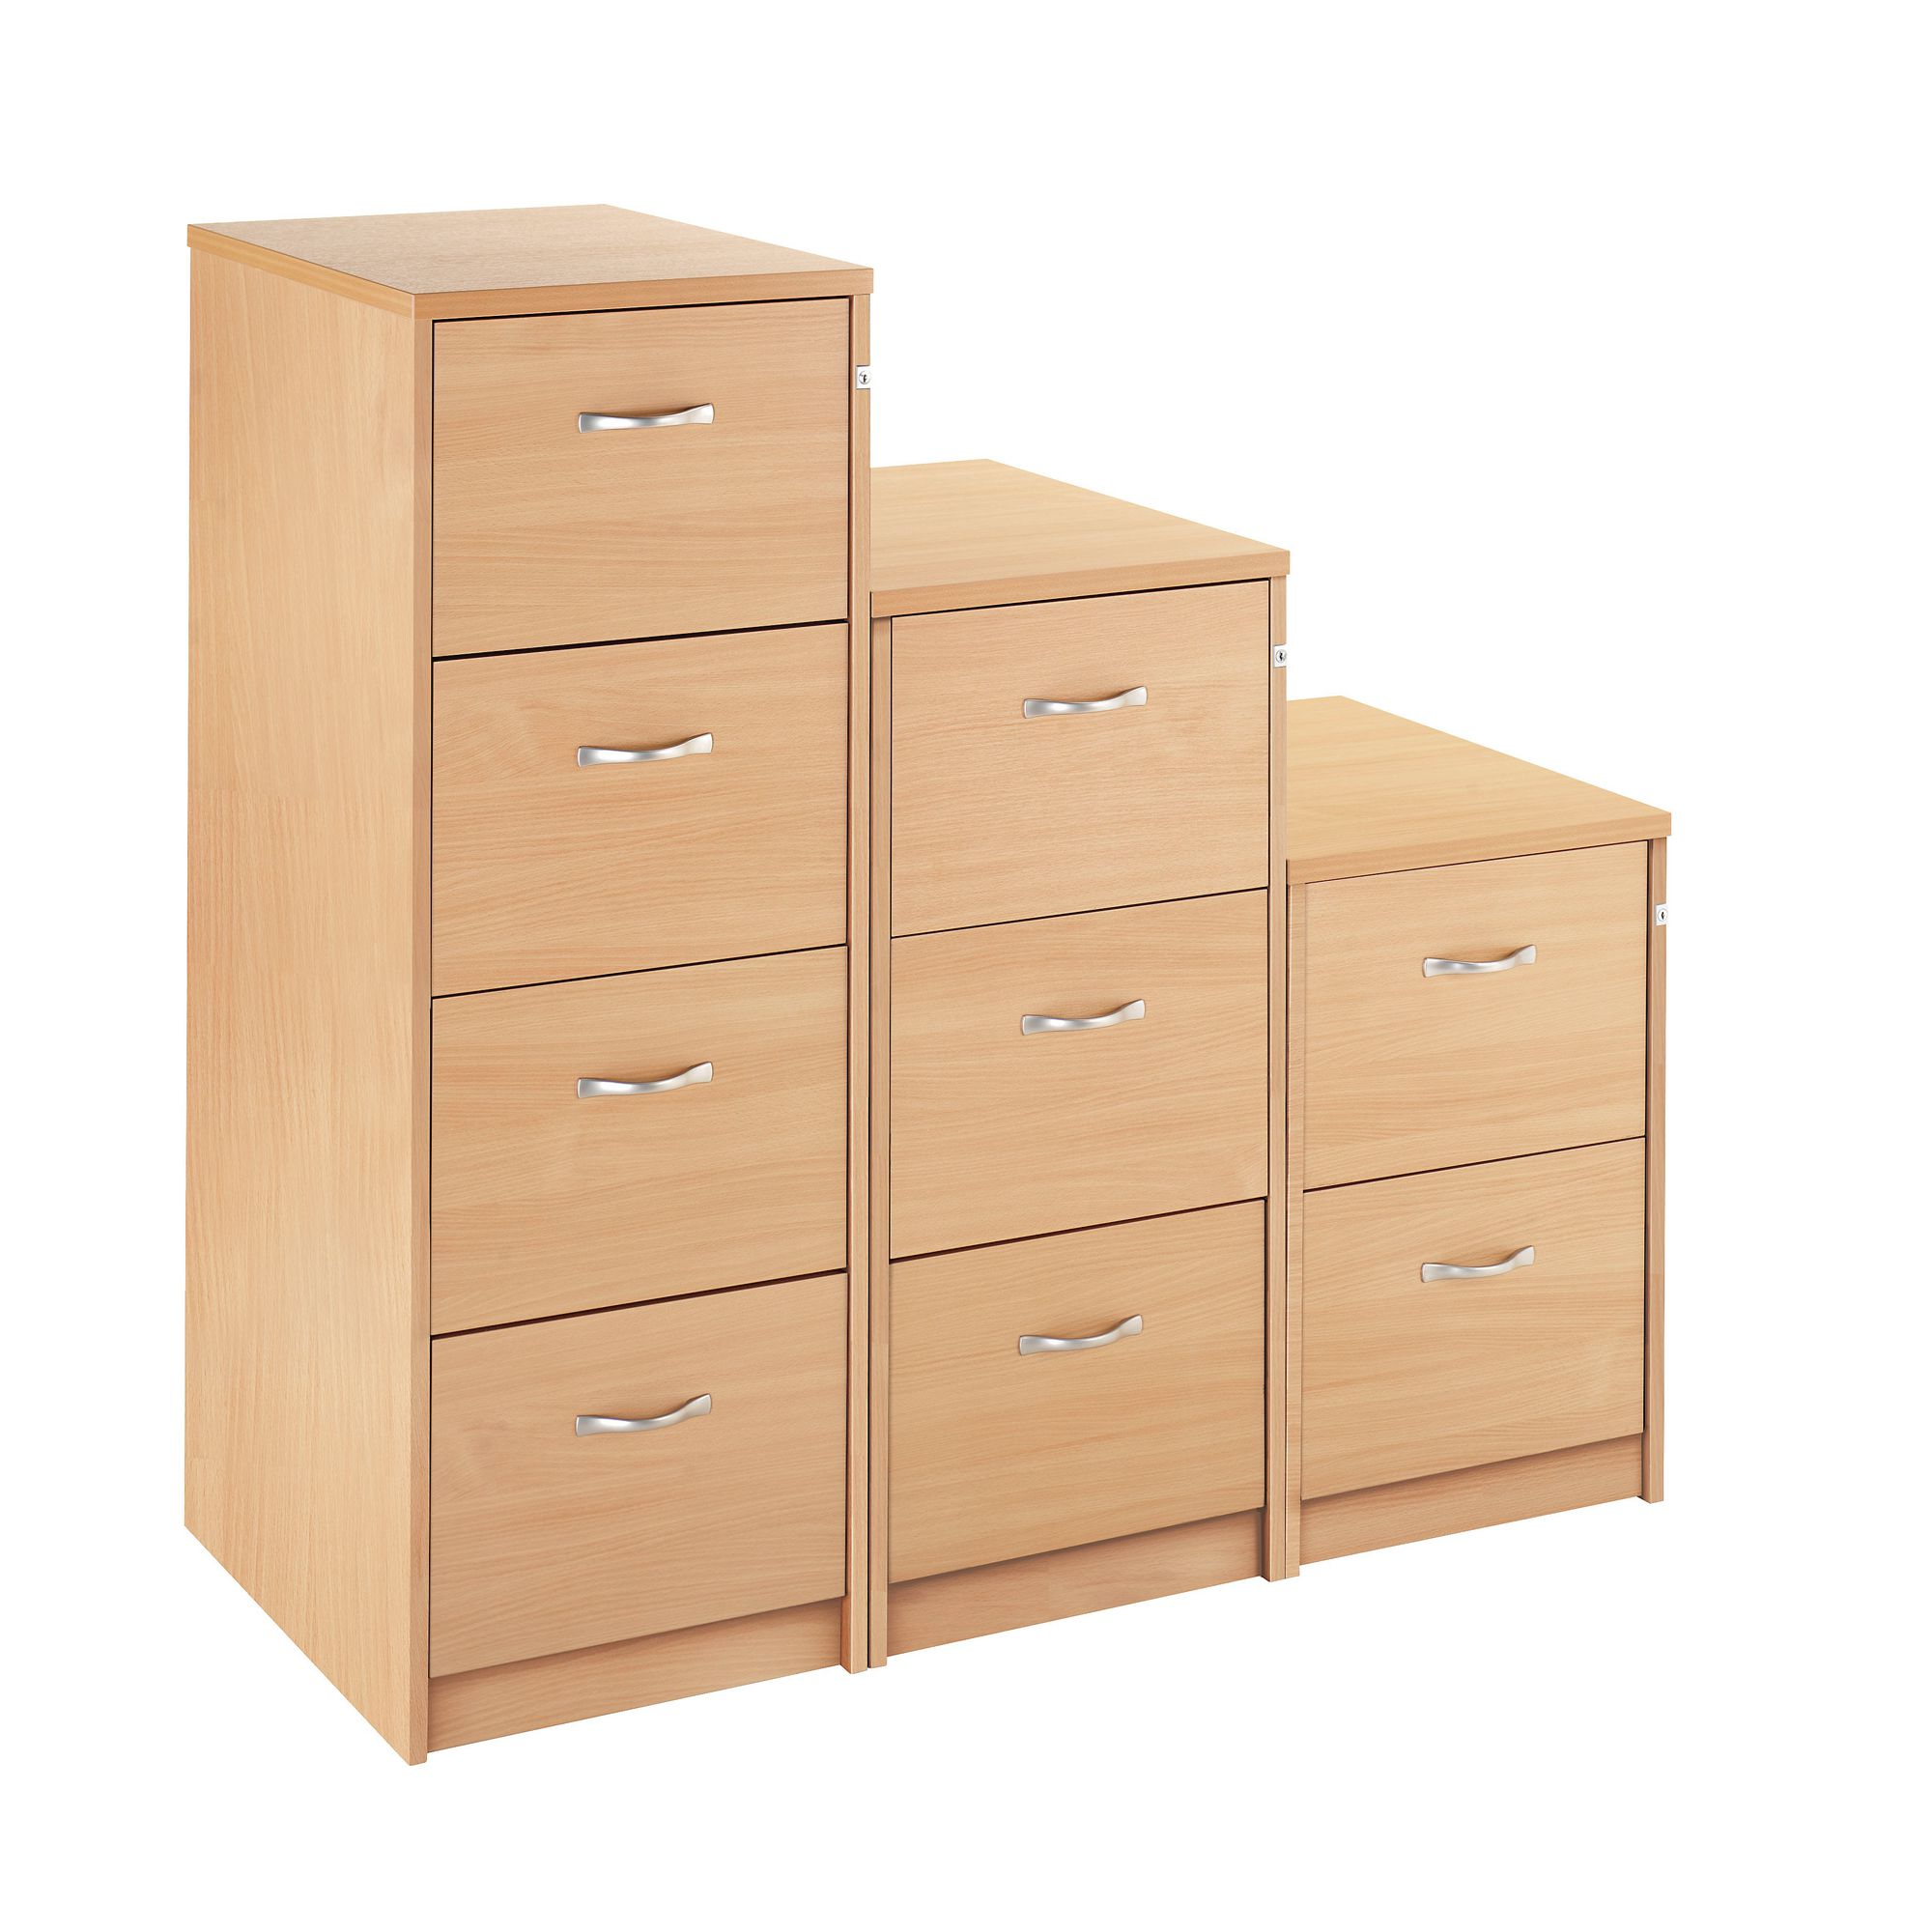 CM Wooden Filing Cabinet 2 Draw Oak